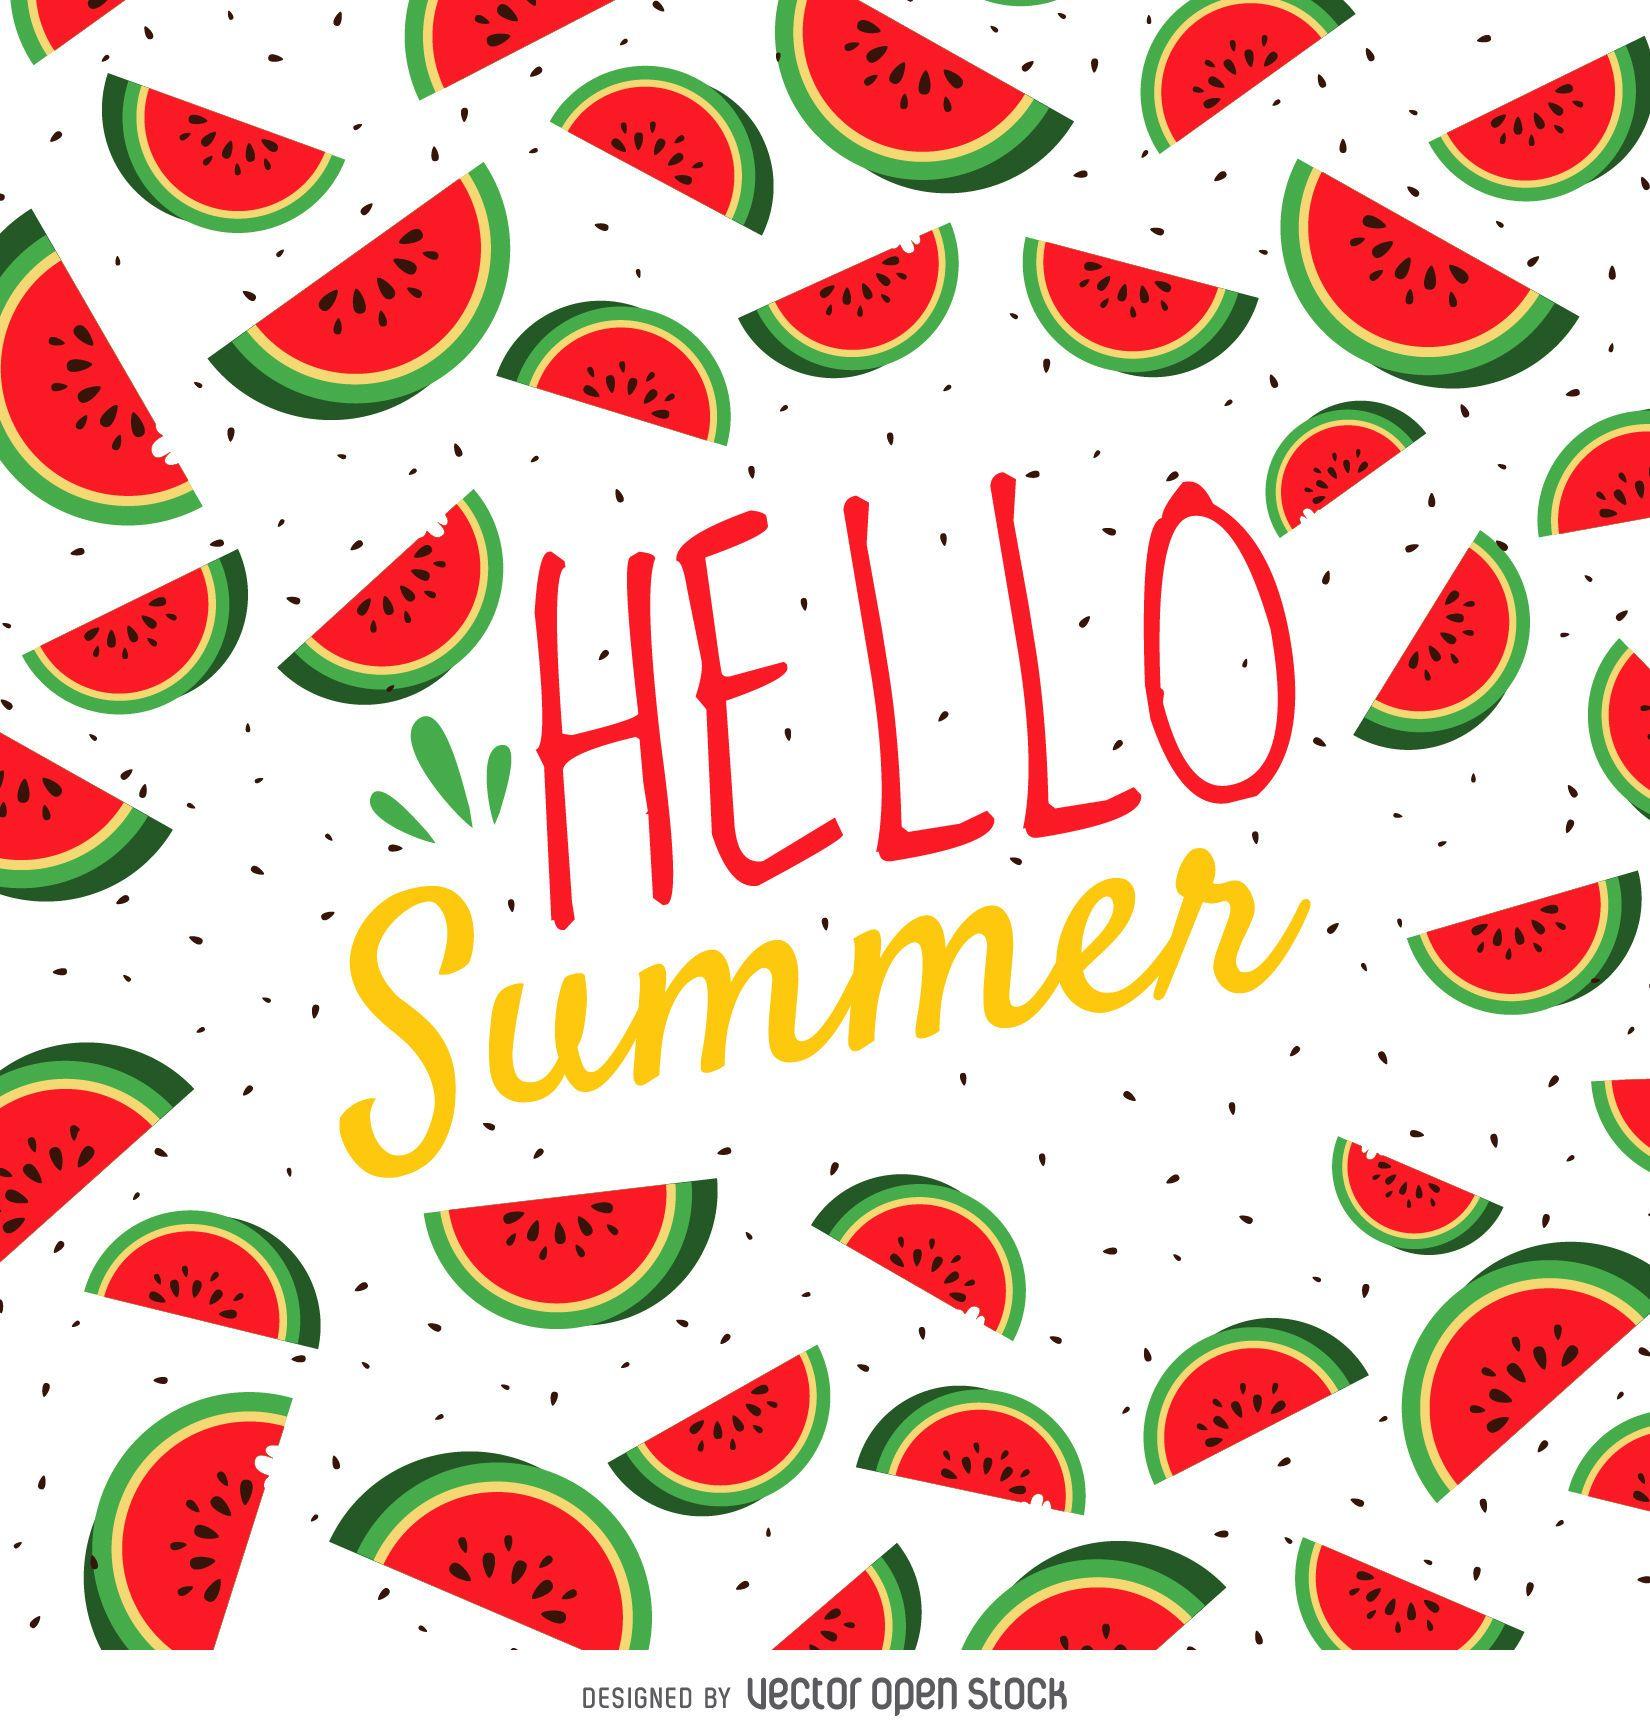 Cartel de sandía de verano